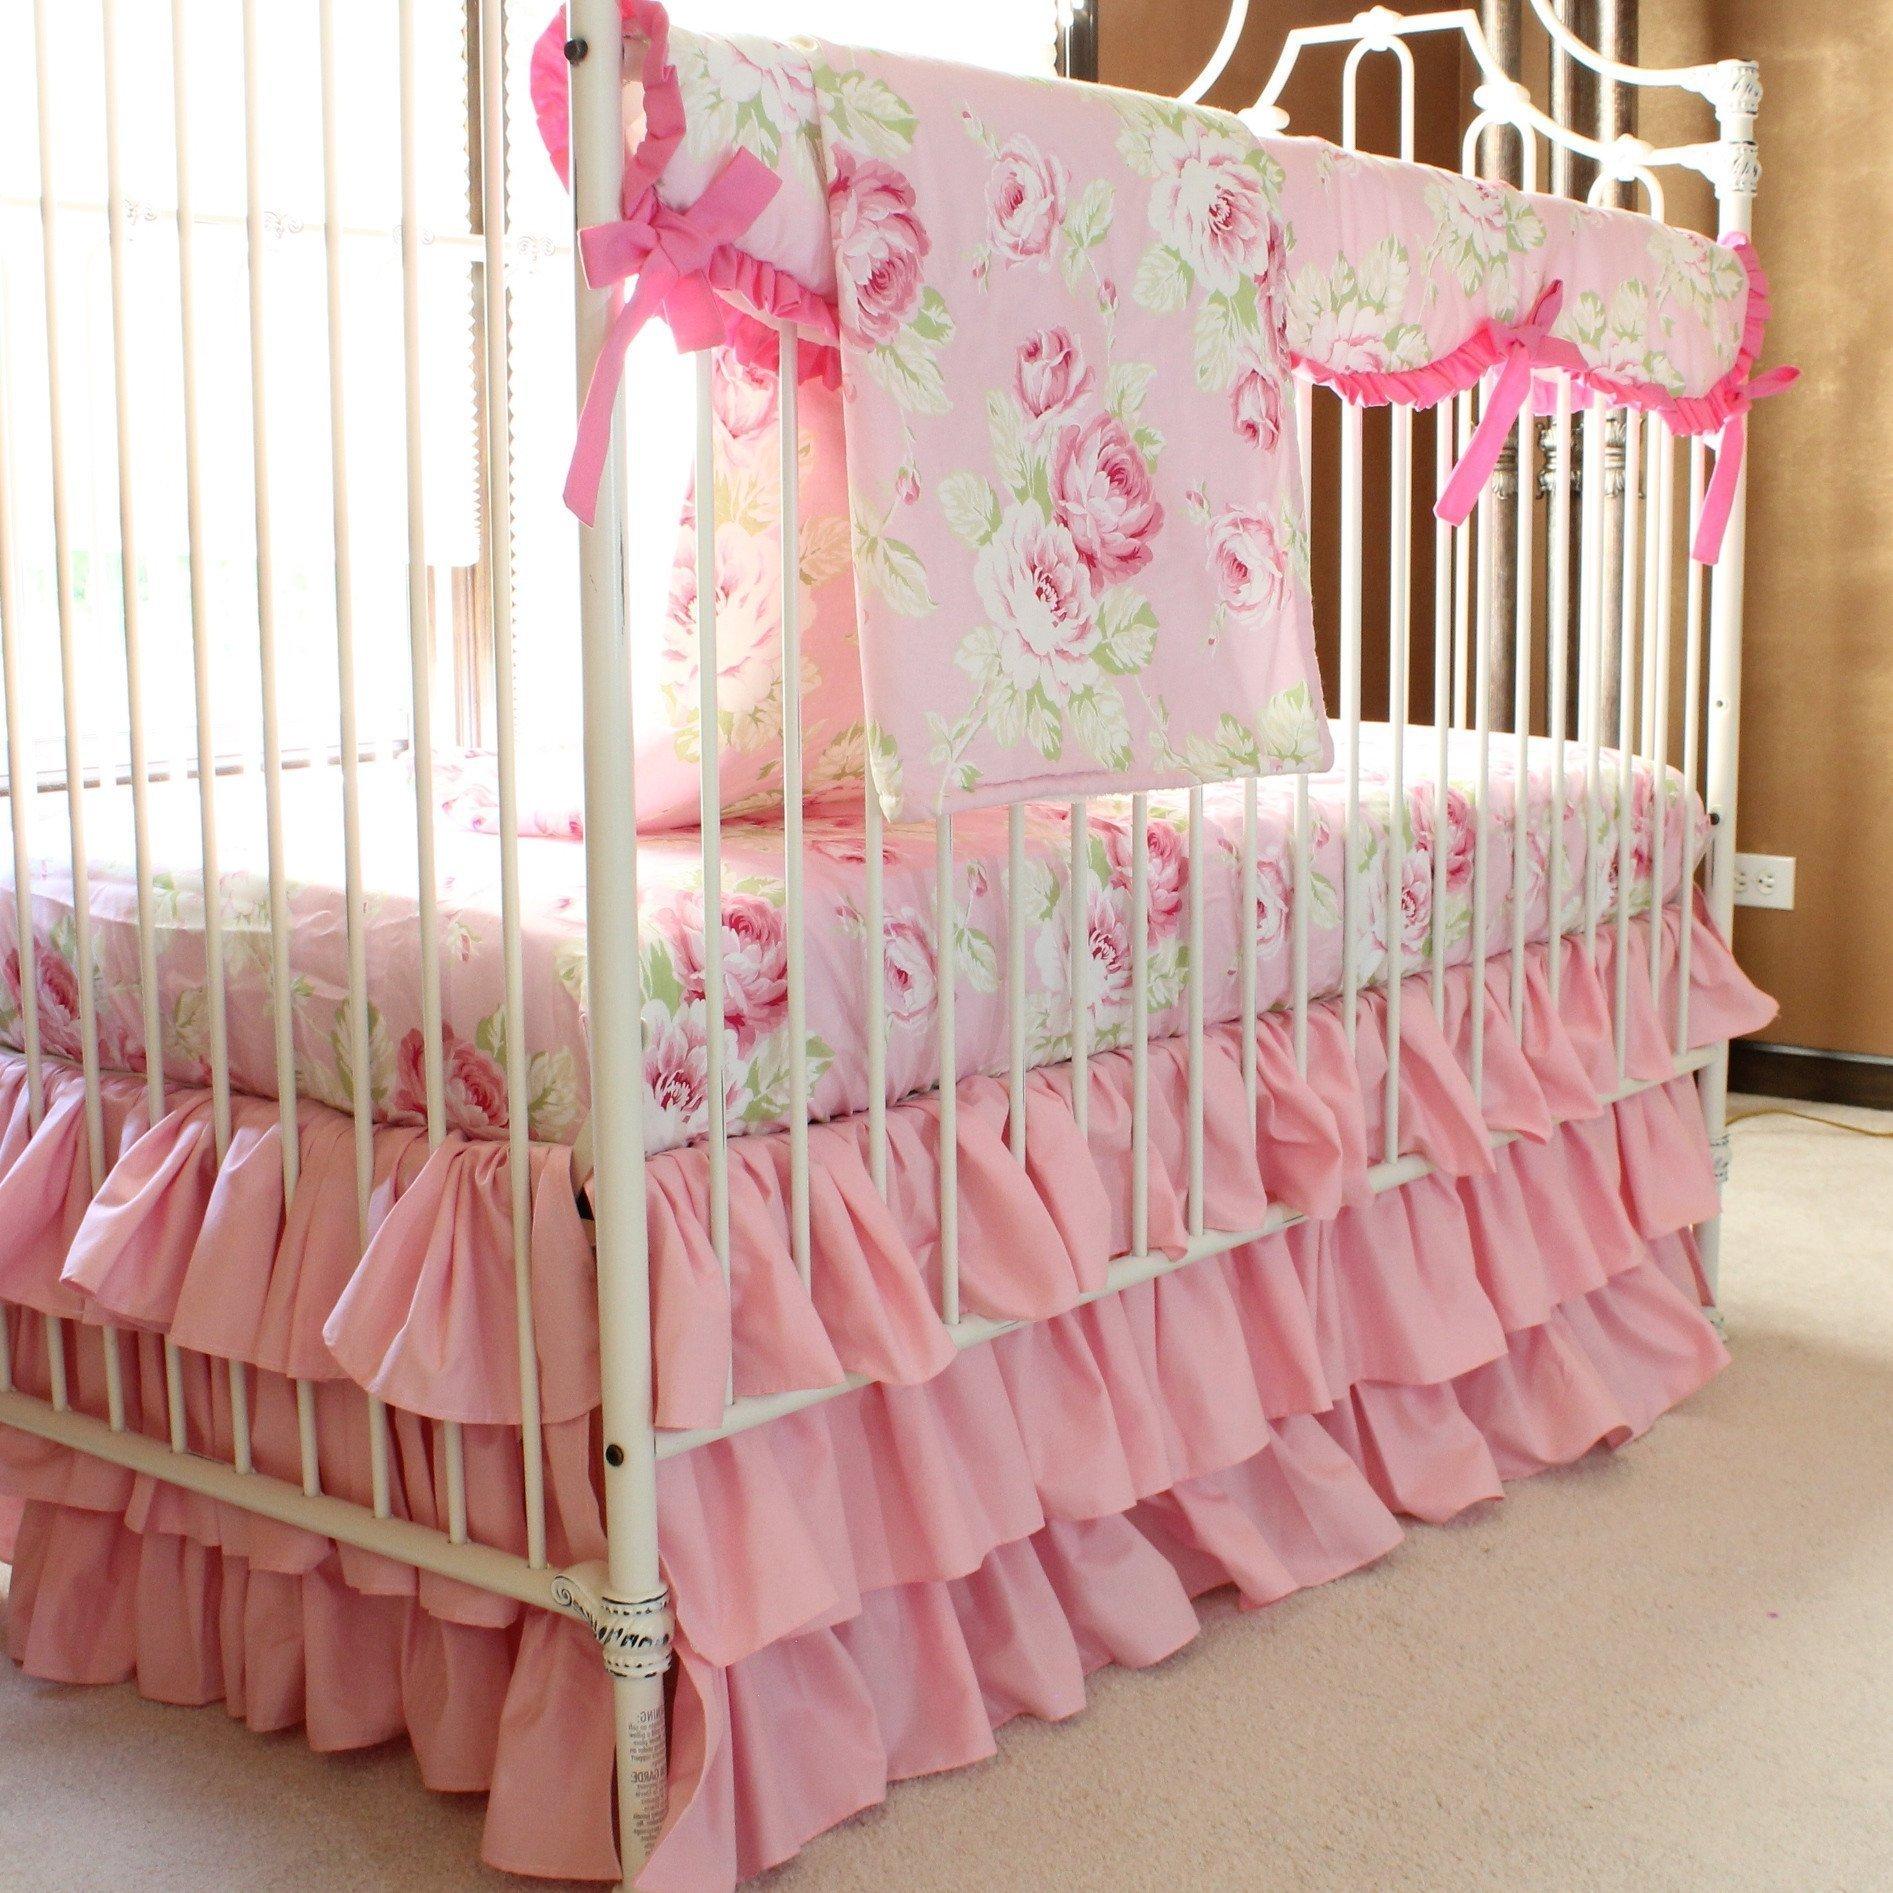 Baby bedding sets vintage shabby chic roses flower pink    Baby bedding set UHEFEBM